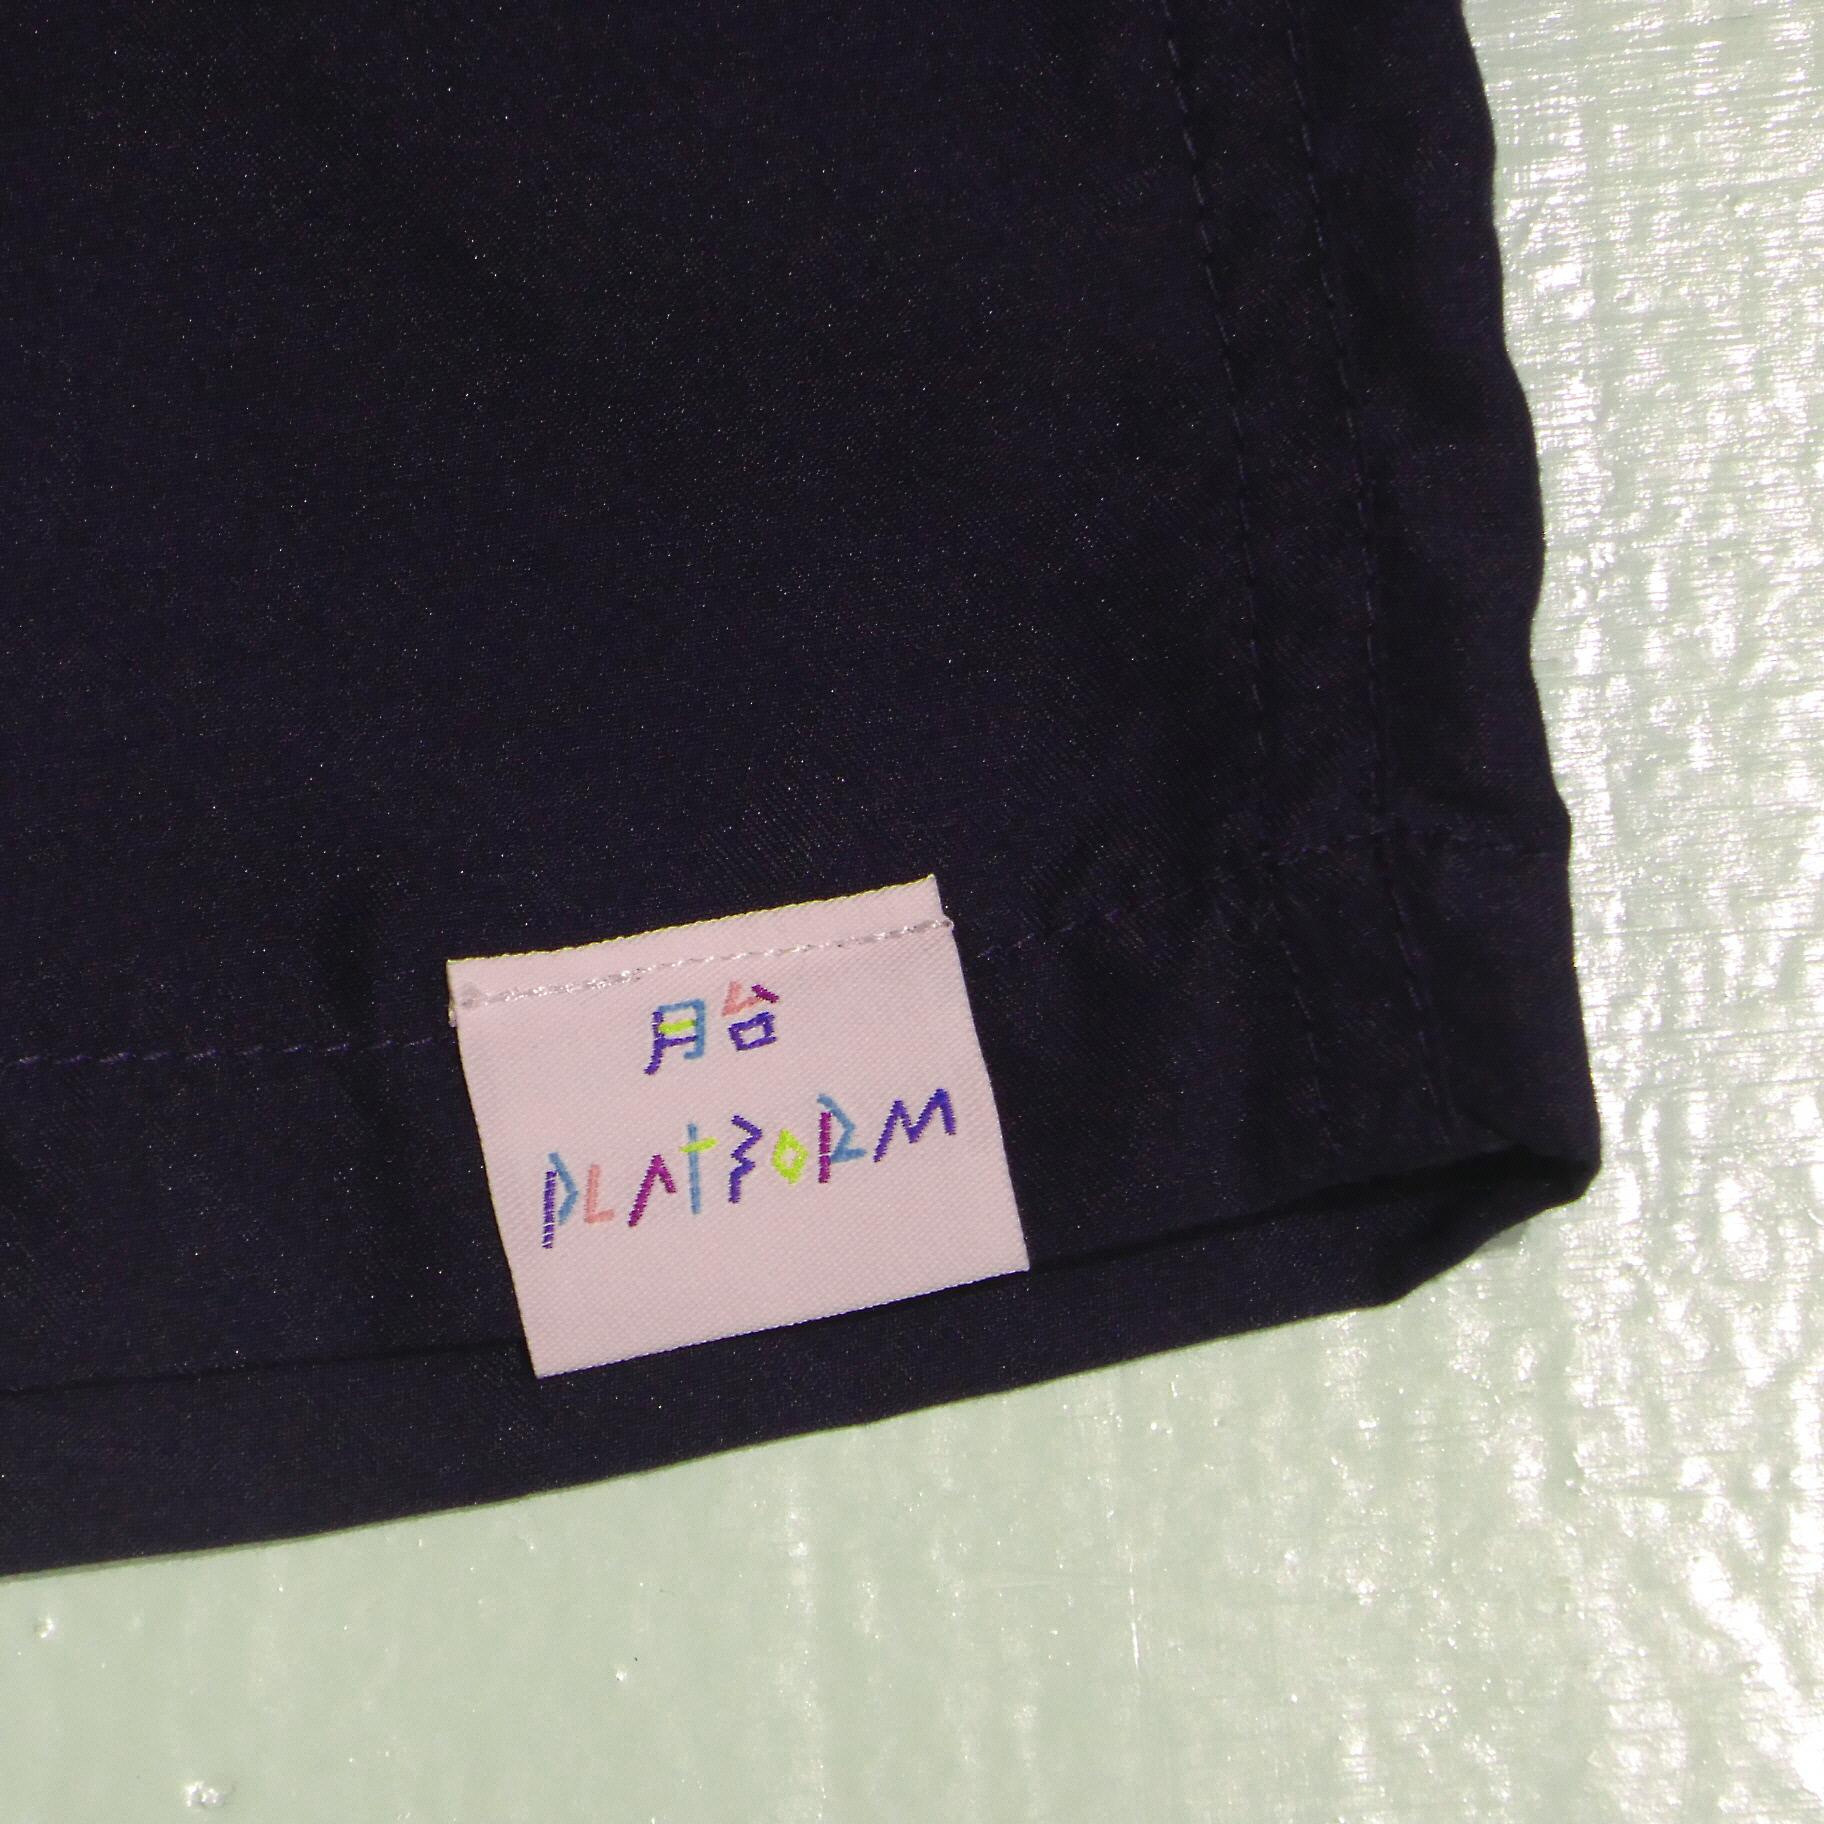 PLATFORM COLOR MICROFIBER SHORT PANTS 7COLORS